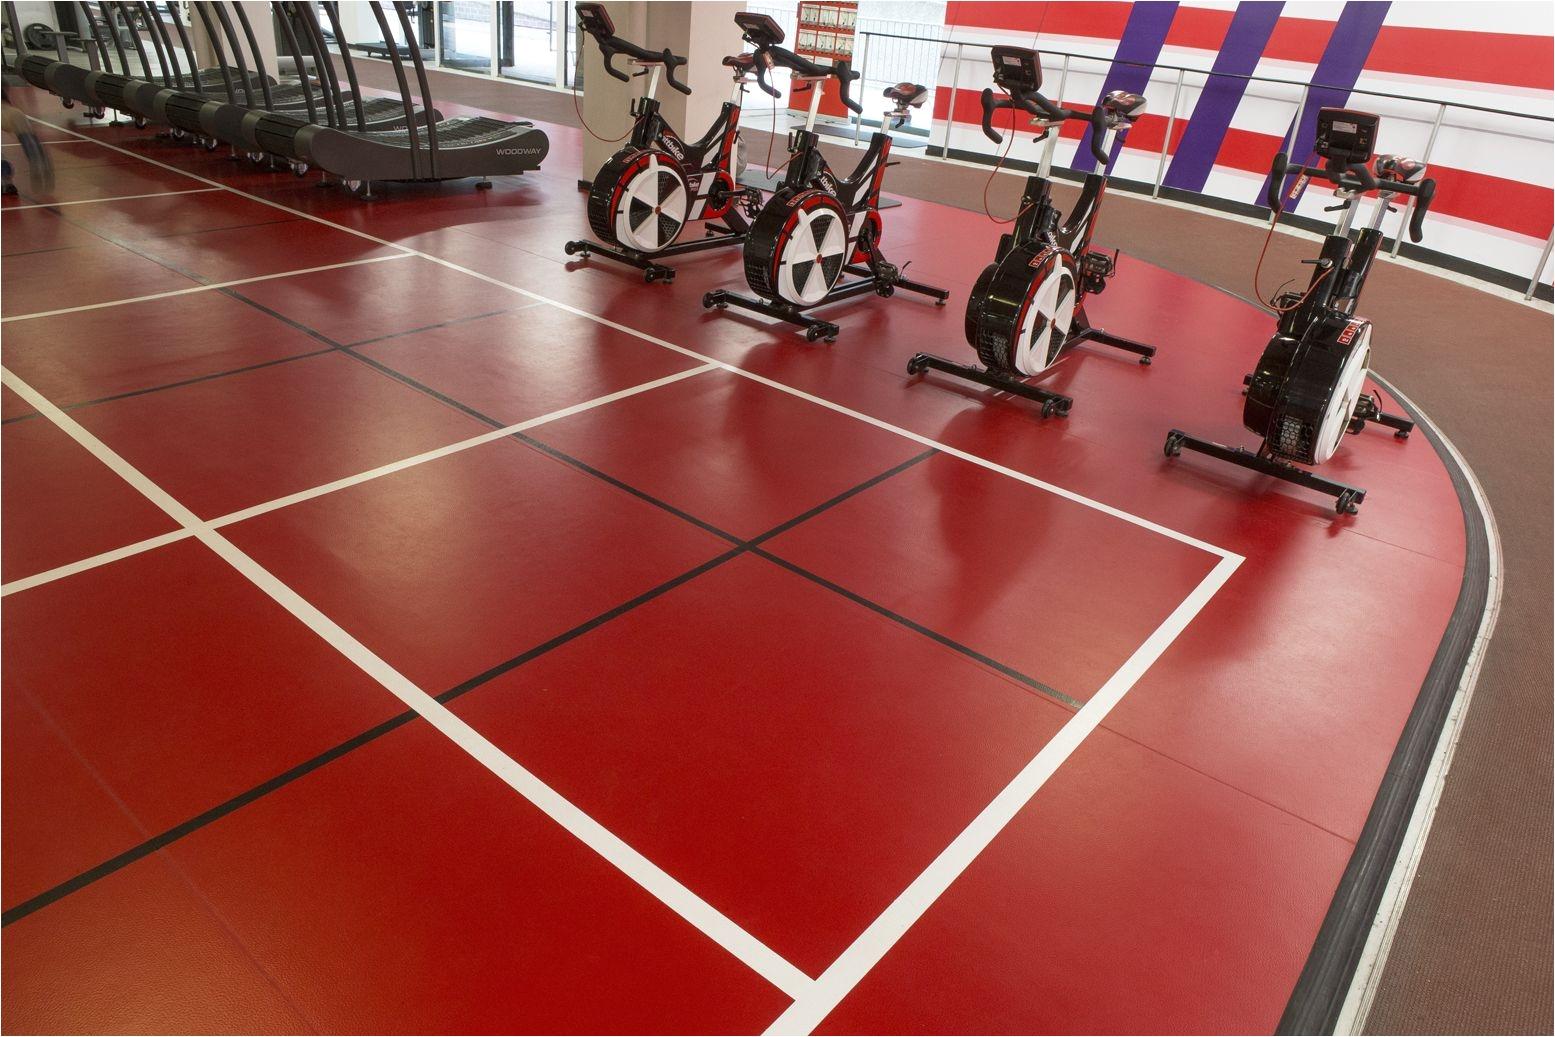 Gerflor Taraflex Flooring Tarai Exa Sport M Evolution Product Offering P1 Shock Absorbency 25